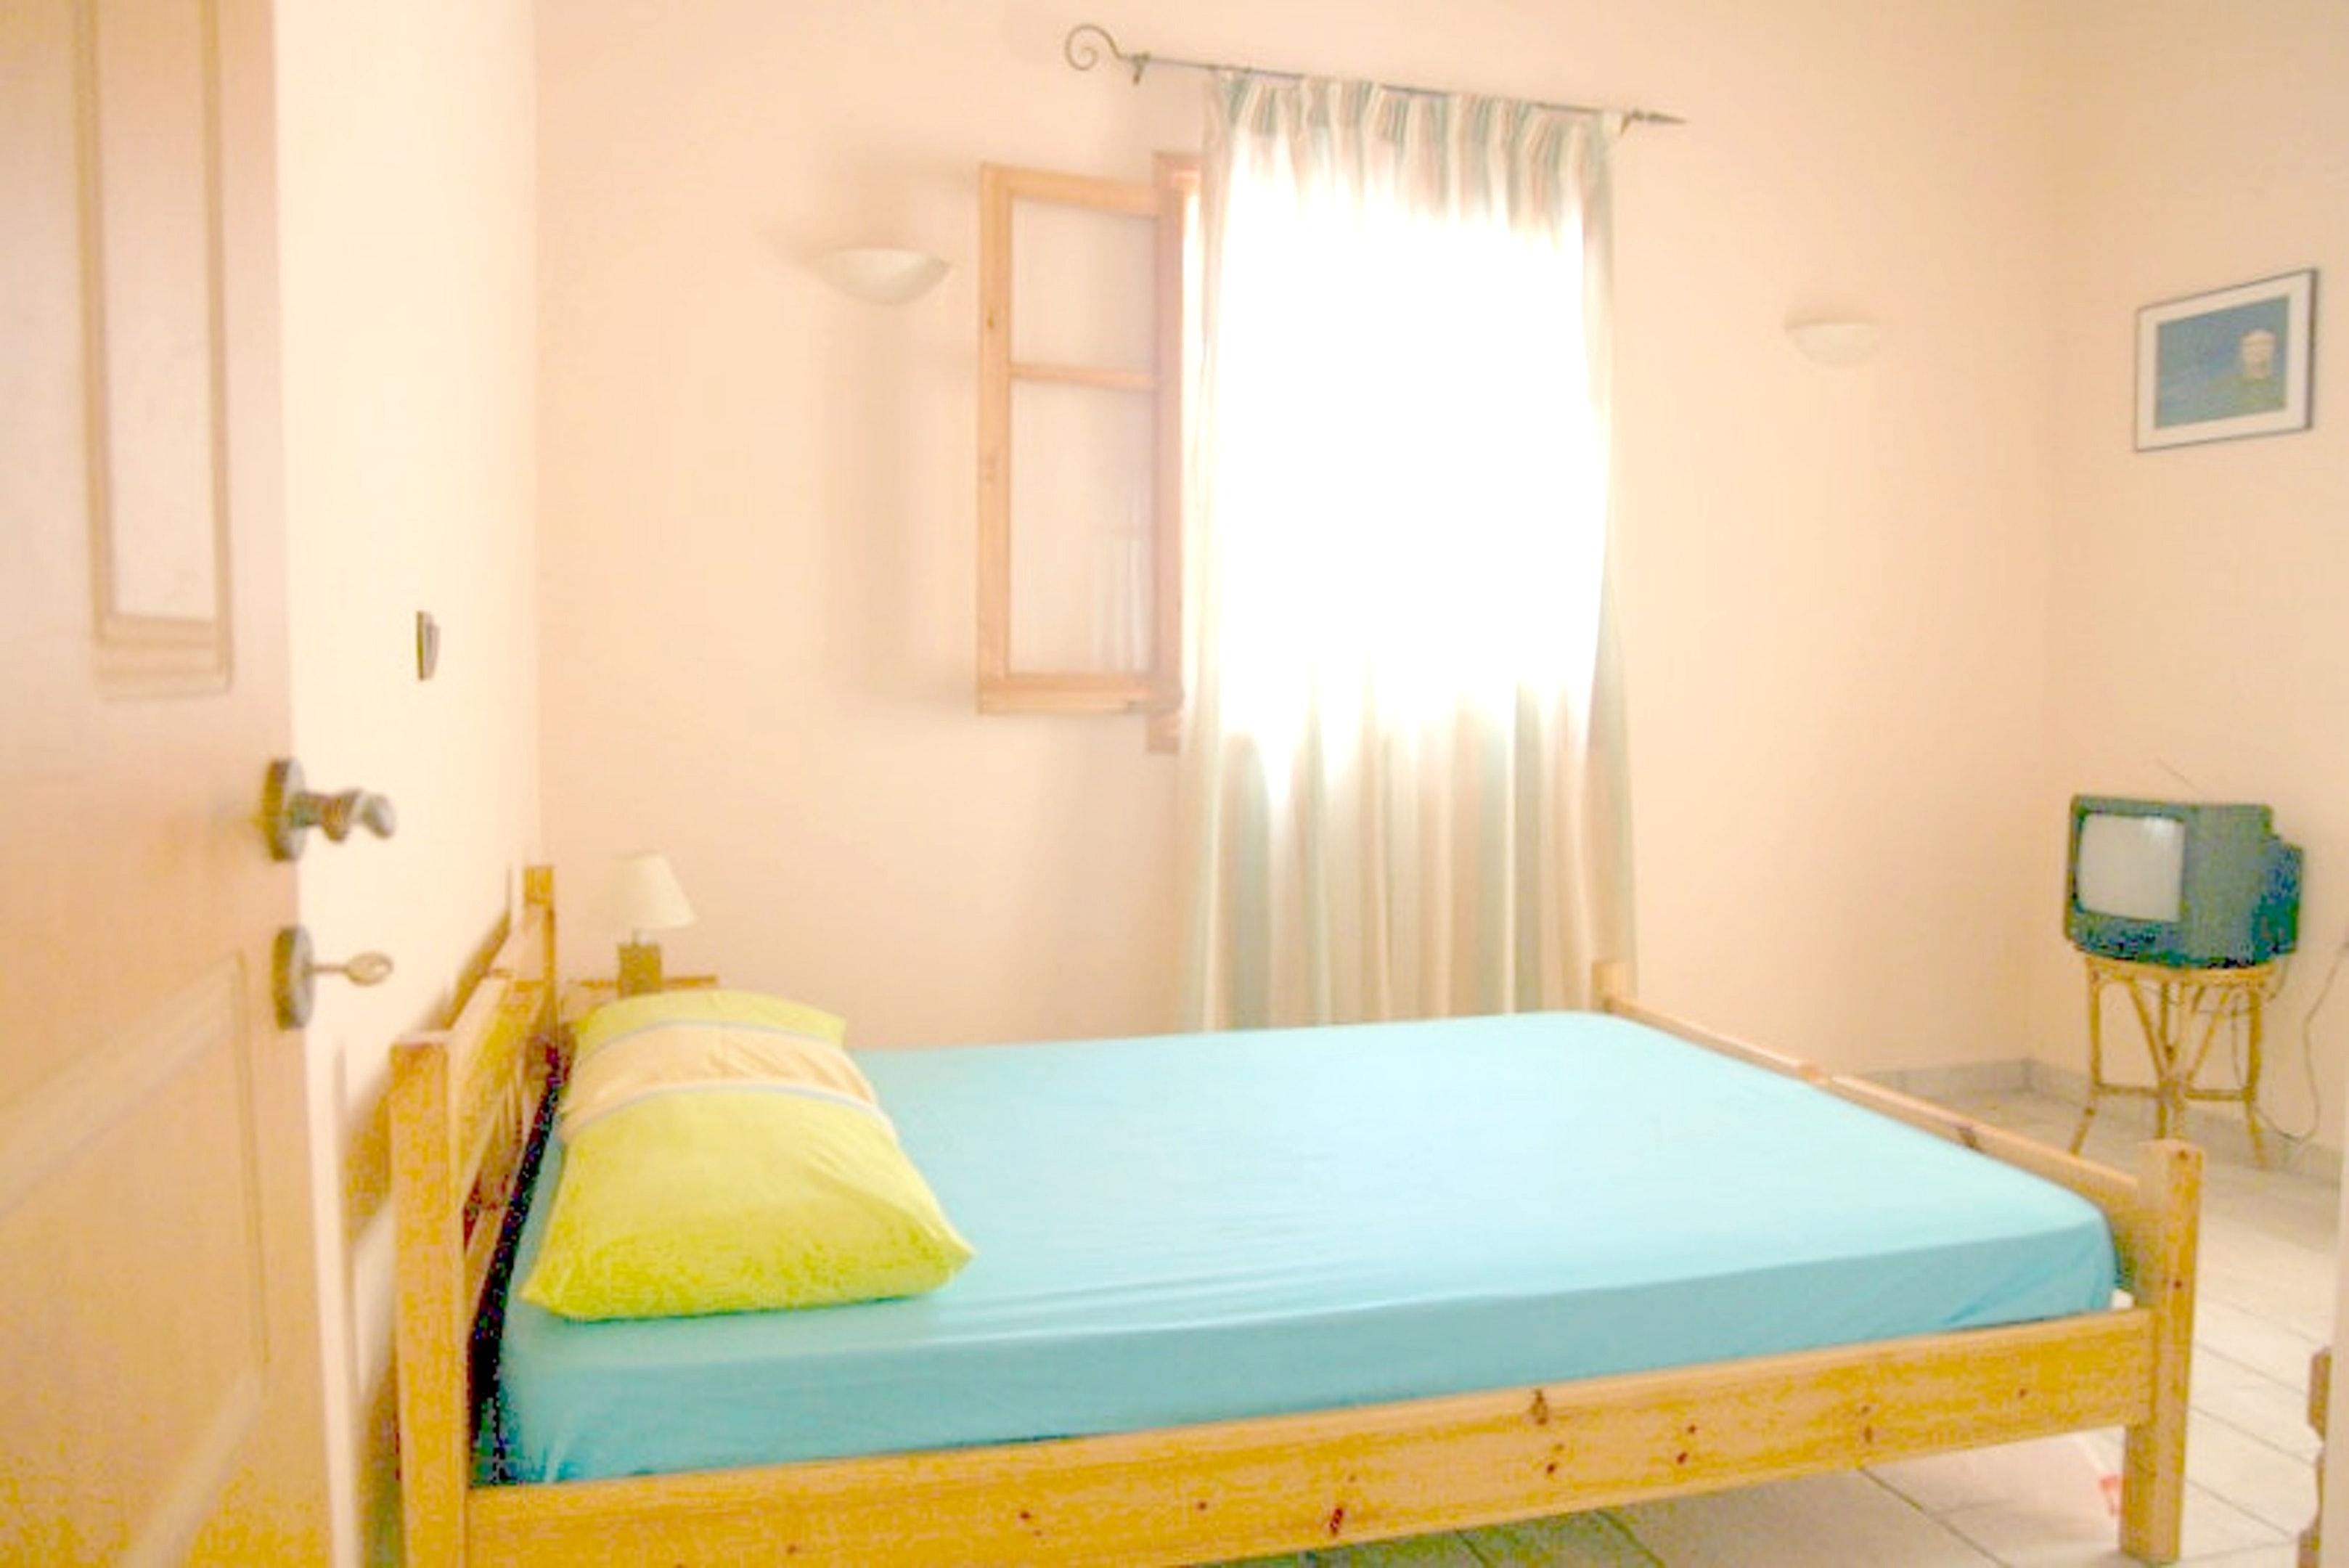 Maison de vacances Haus mit 2 Schlafzimmern in Corfou mit toller Aussicht auf die Berge (2202447), Moraitika, Corfou, Iles Ioniennes, Grèce, image 9